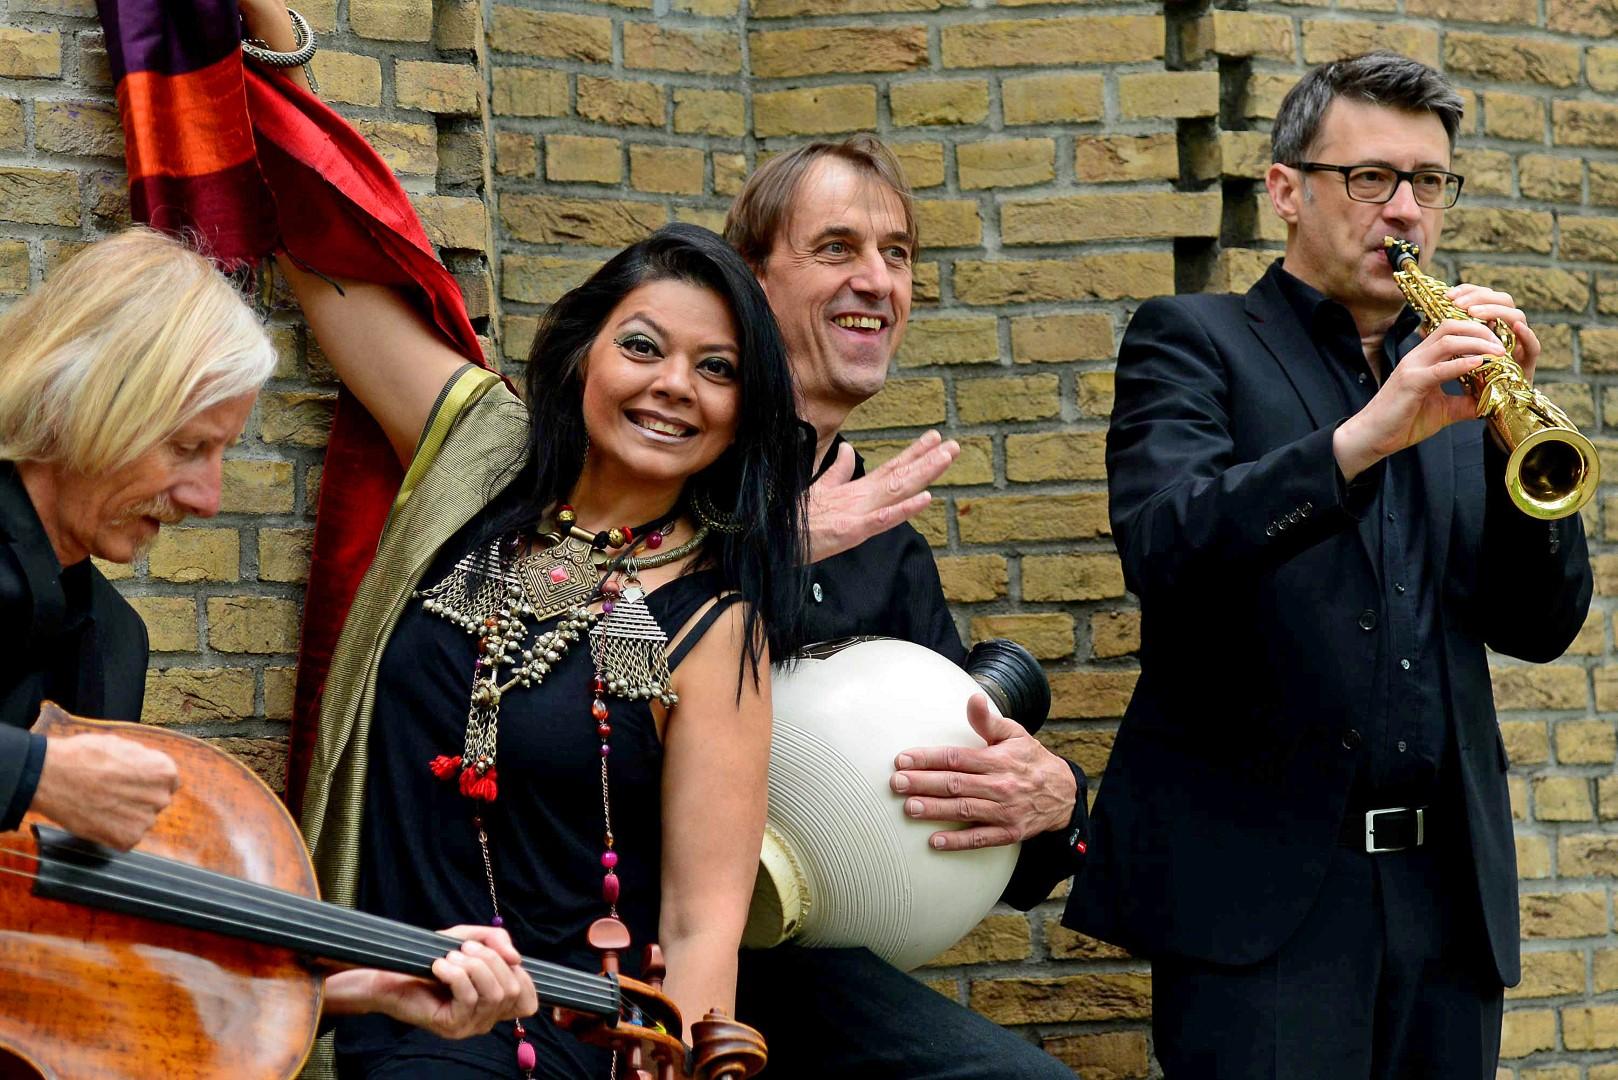 Indira quartet2.jpg